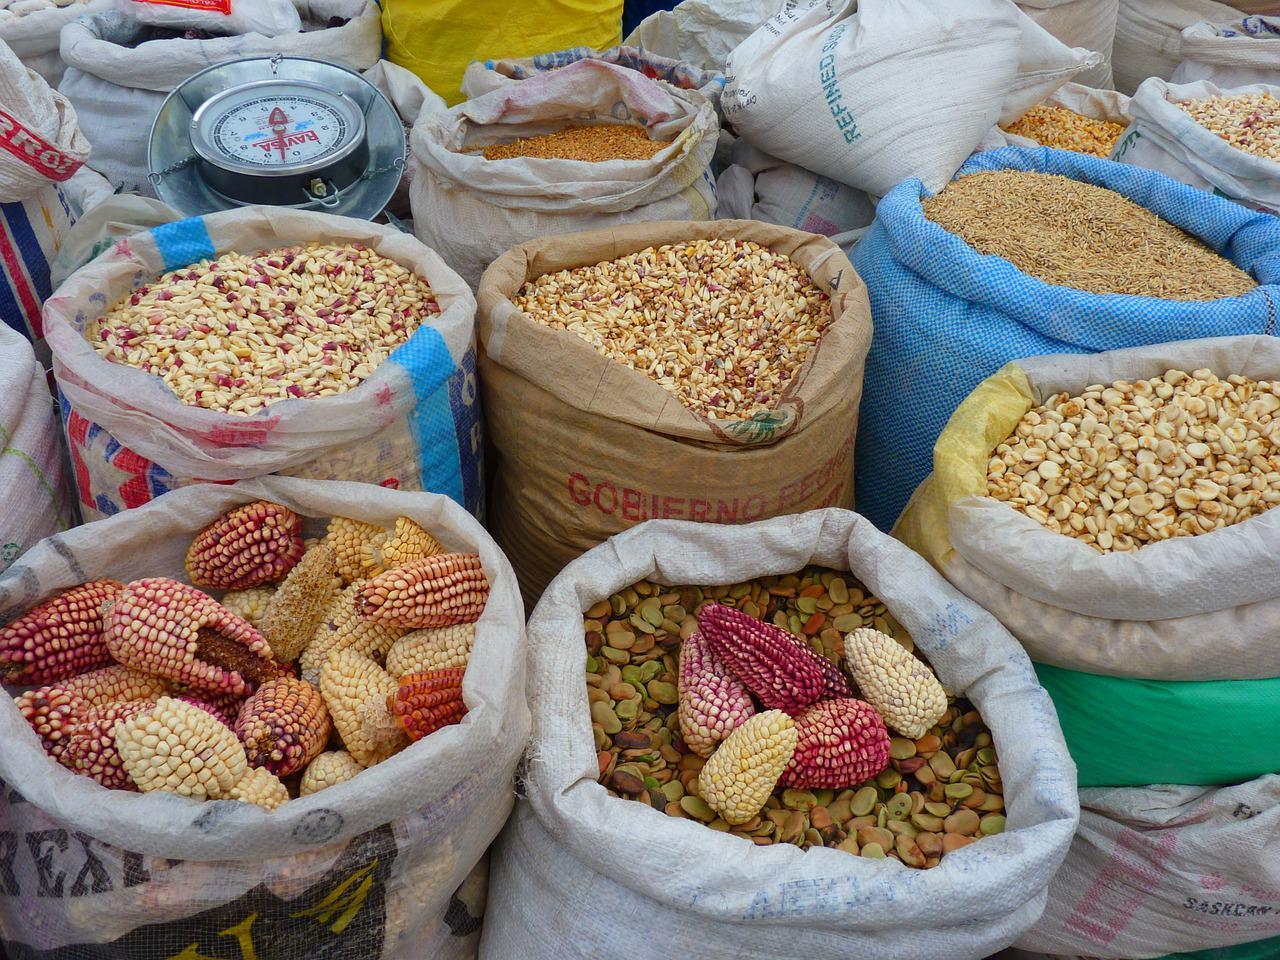 專欄|秘魯十大特色美食天竺鼠羊駝紫玉米醃生魚國菜通吃